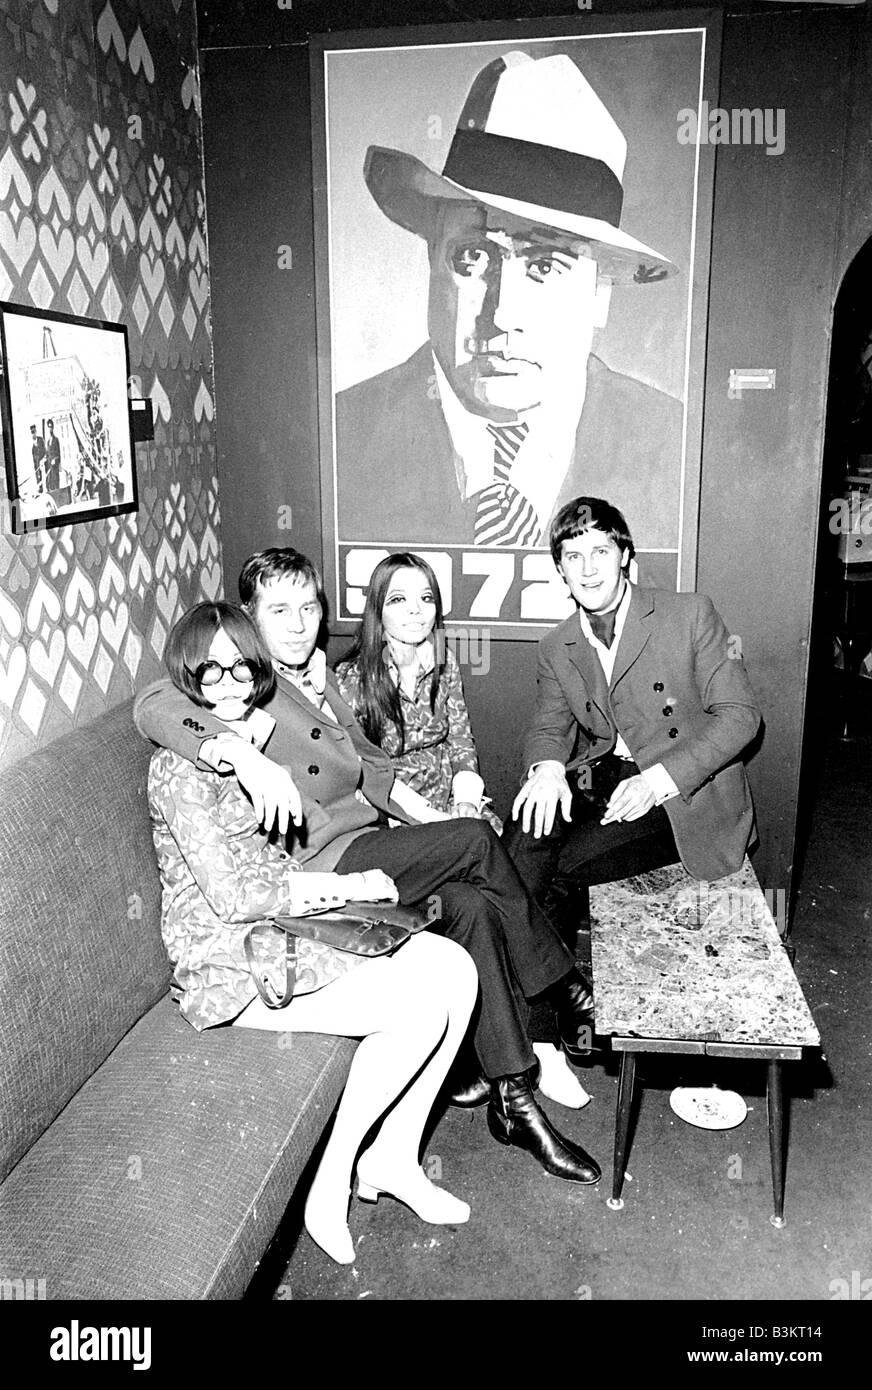 SPEAKEASY Pop Musik orientierte Club in 60er Jahren London Stockfoto